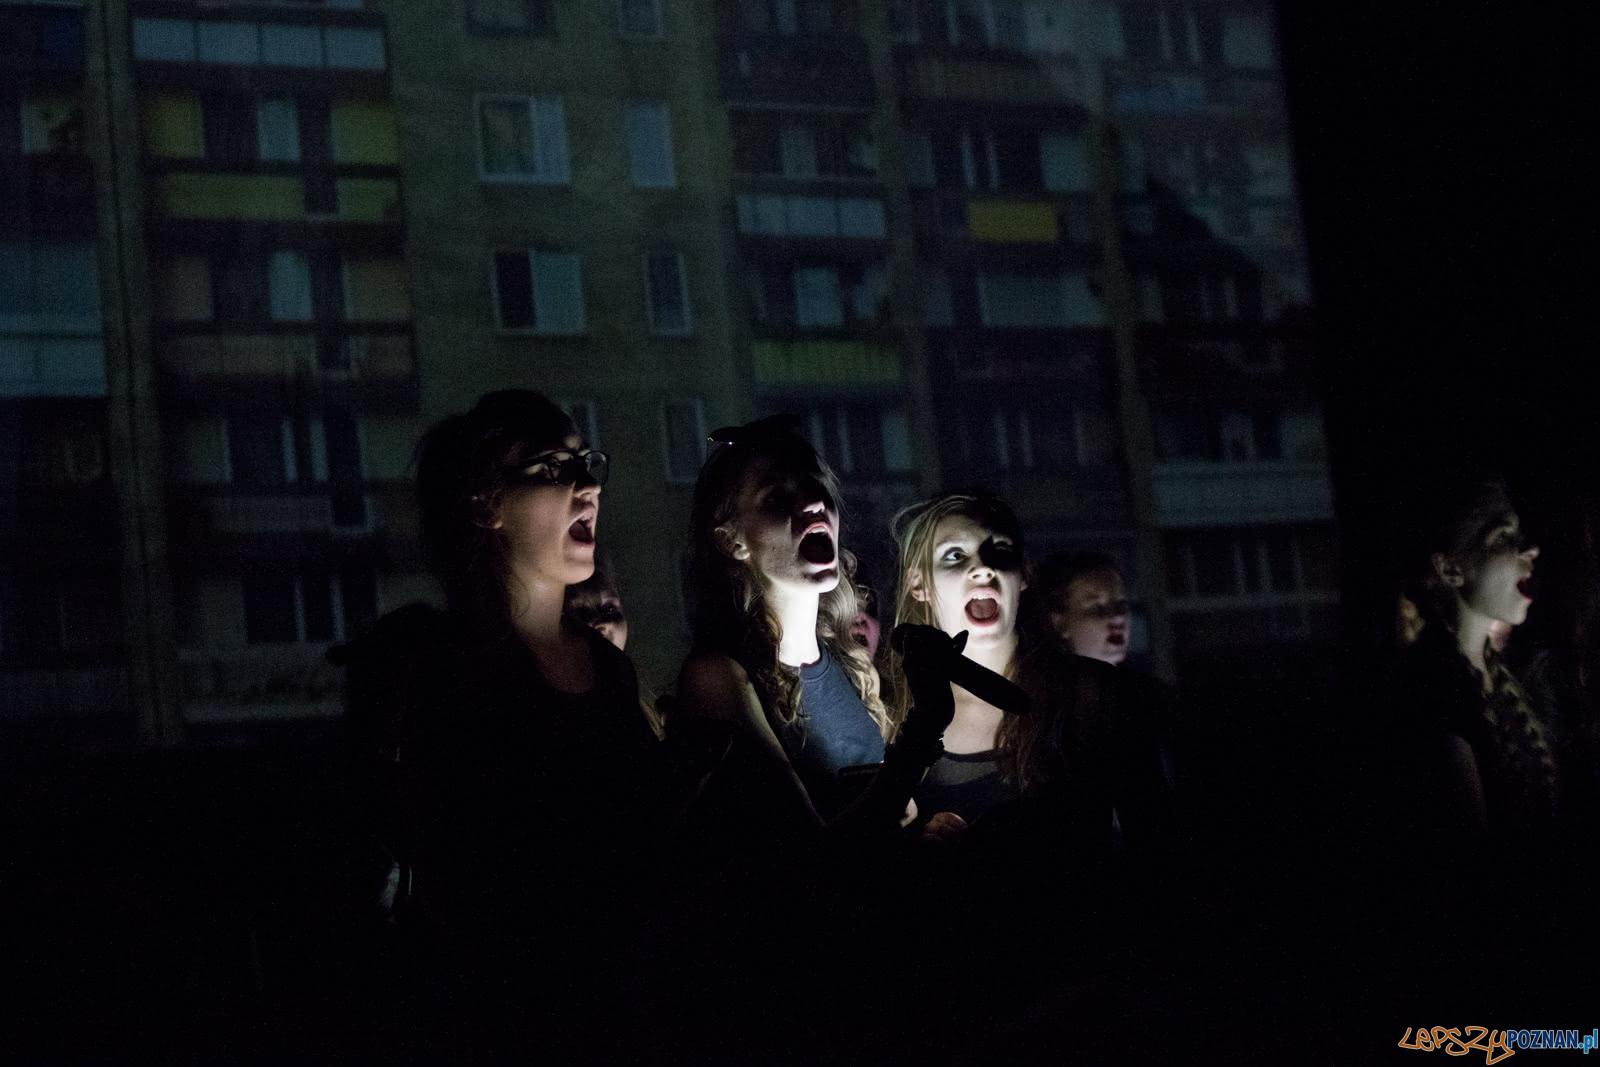 Frazy Festiwal słowa w piosence  Foto: lepszyPOZNAN.pl / Ewelina Jaśkowiak